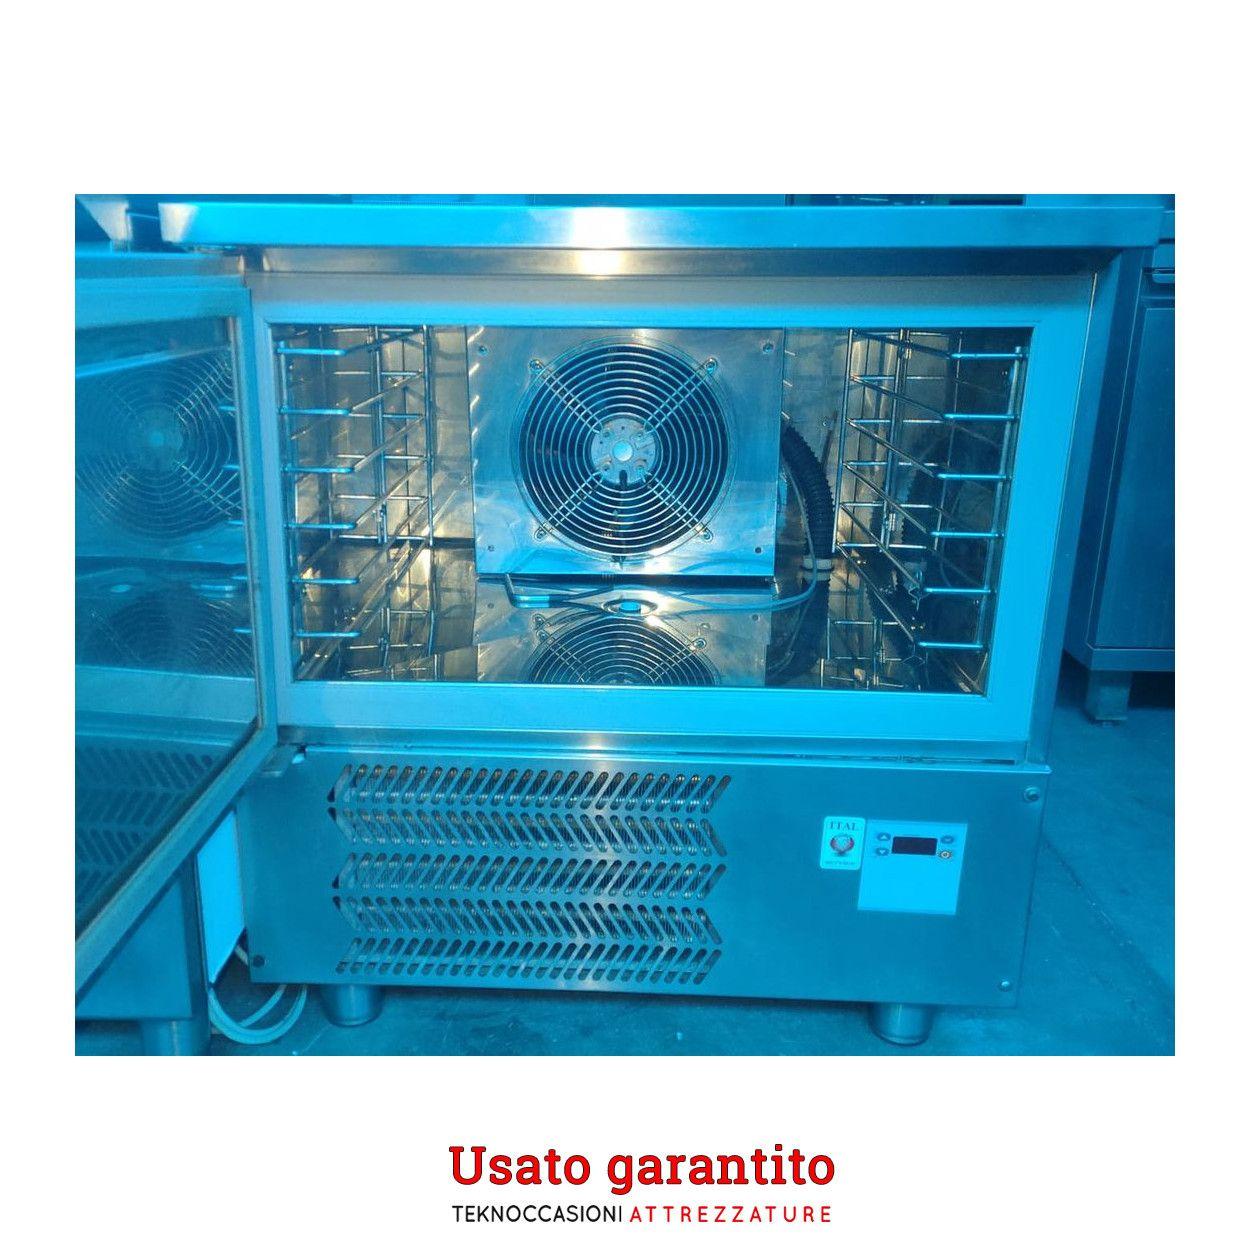 Abbattitore di temperatura 5 teglie usato